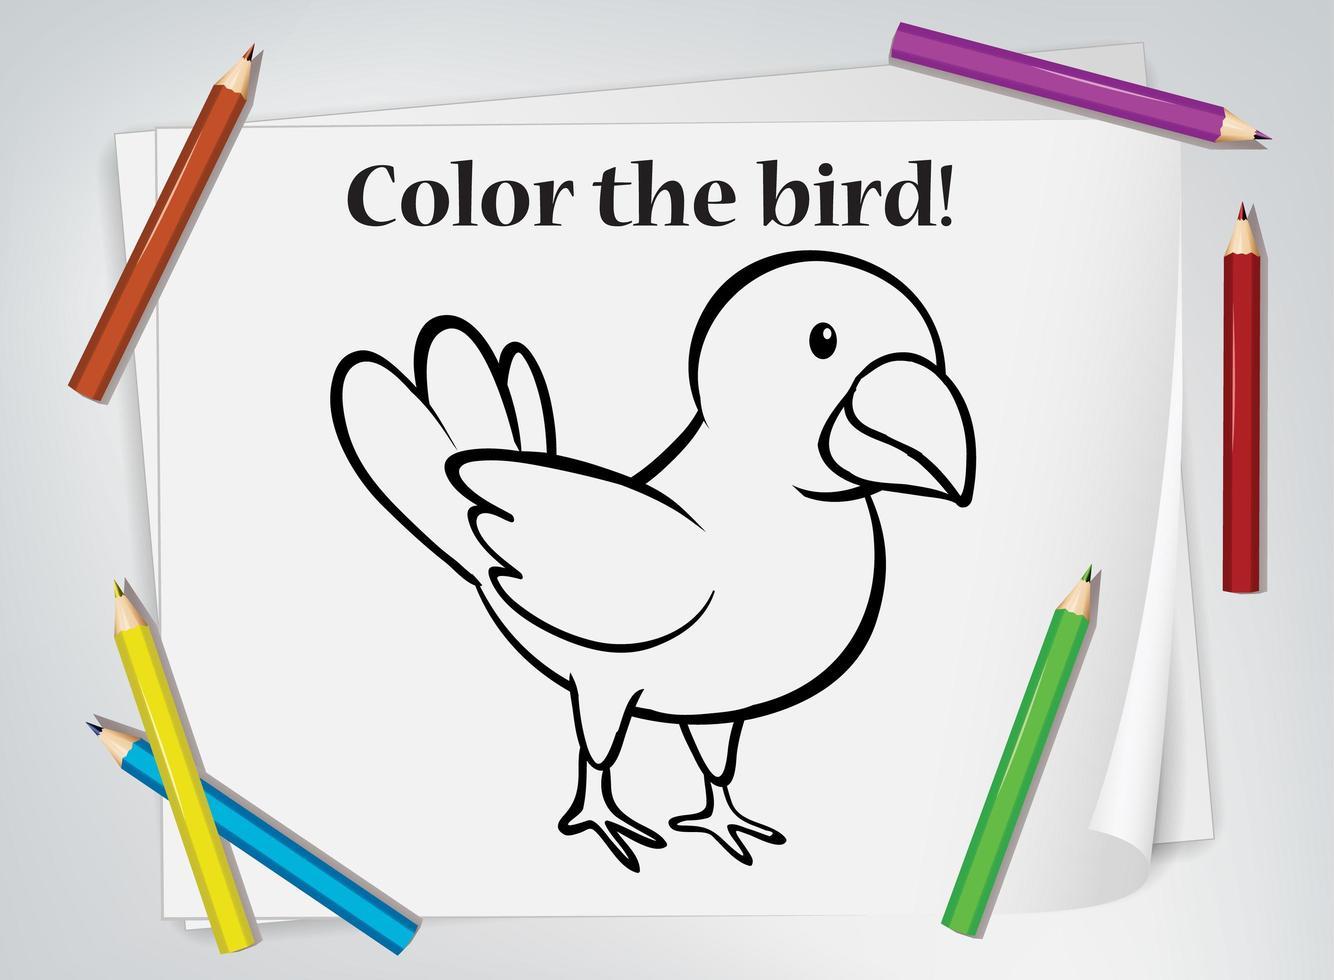 folha de coloração de pássaro para colorir vetor